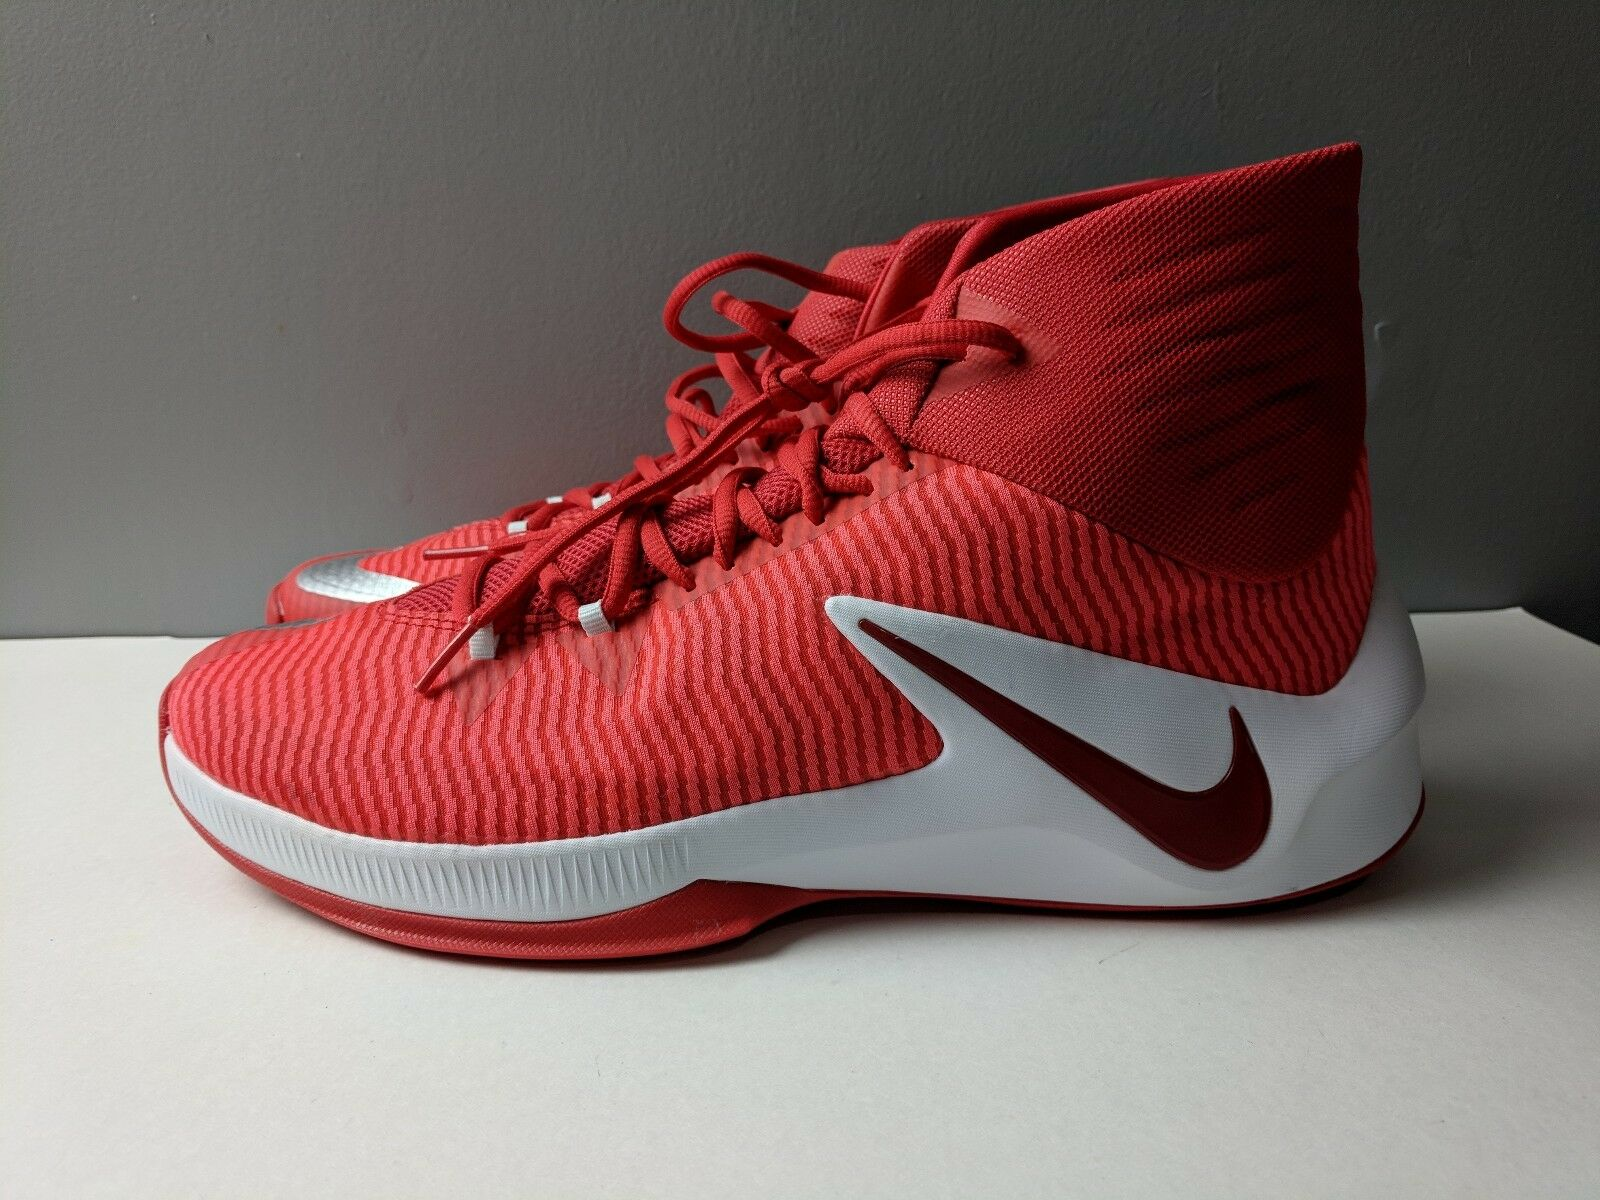 Nueva marca de Nike Zoom claro tbRojo& Blanco 13 hombre basketball zapatos Talla 13 Blanco eafee4